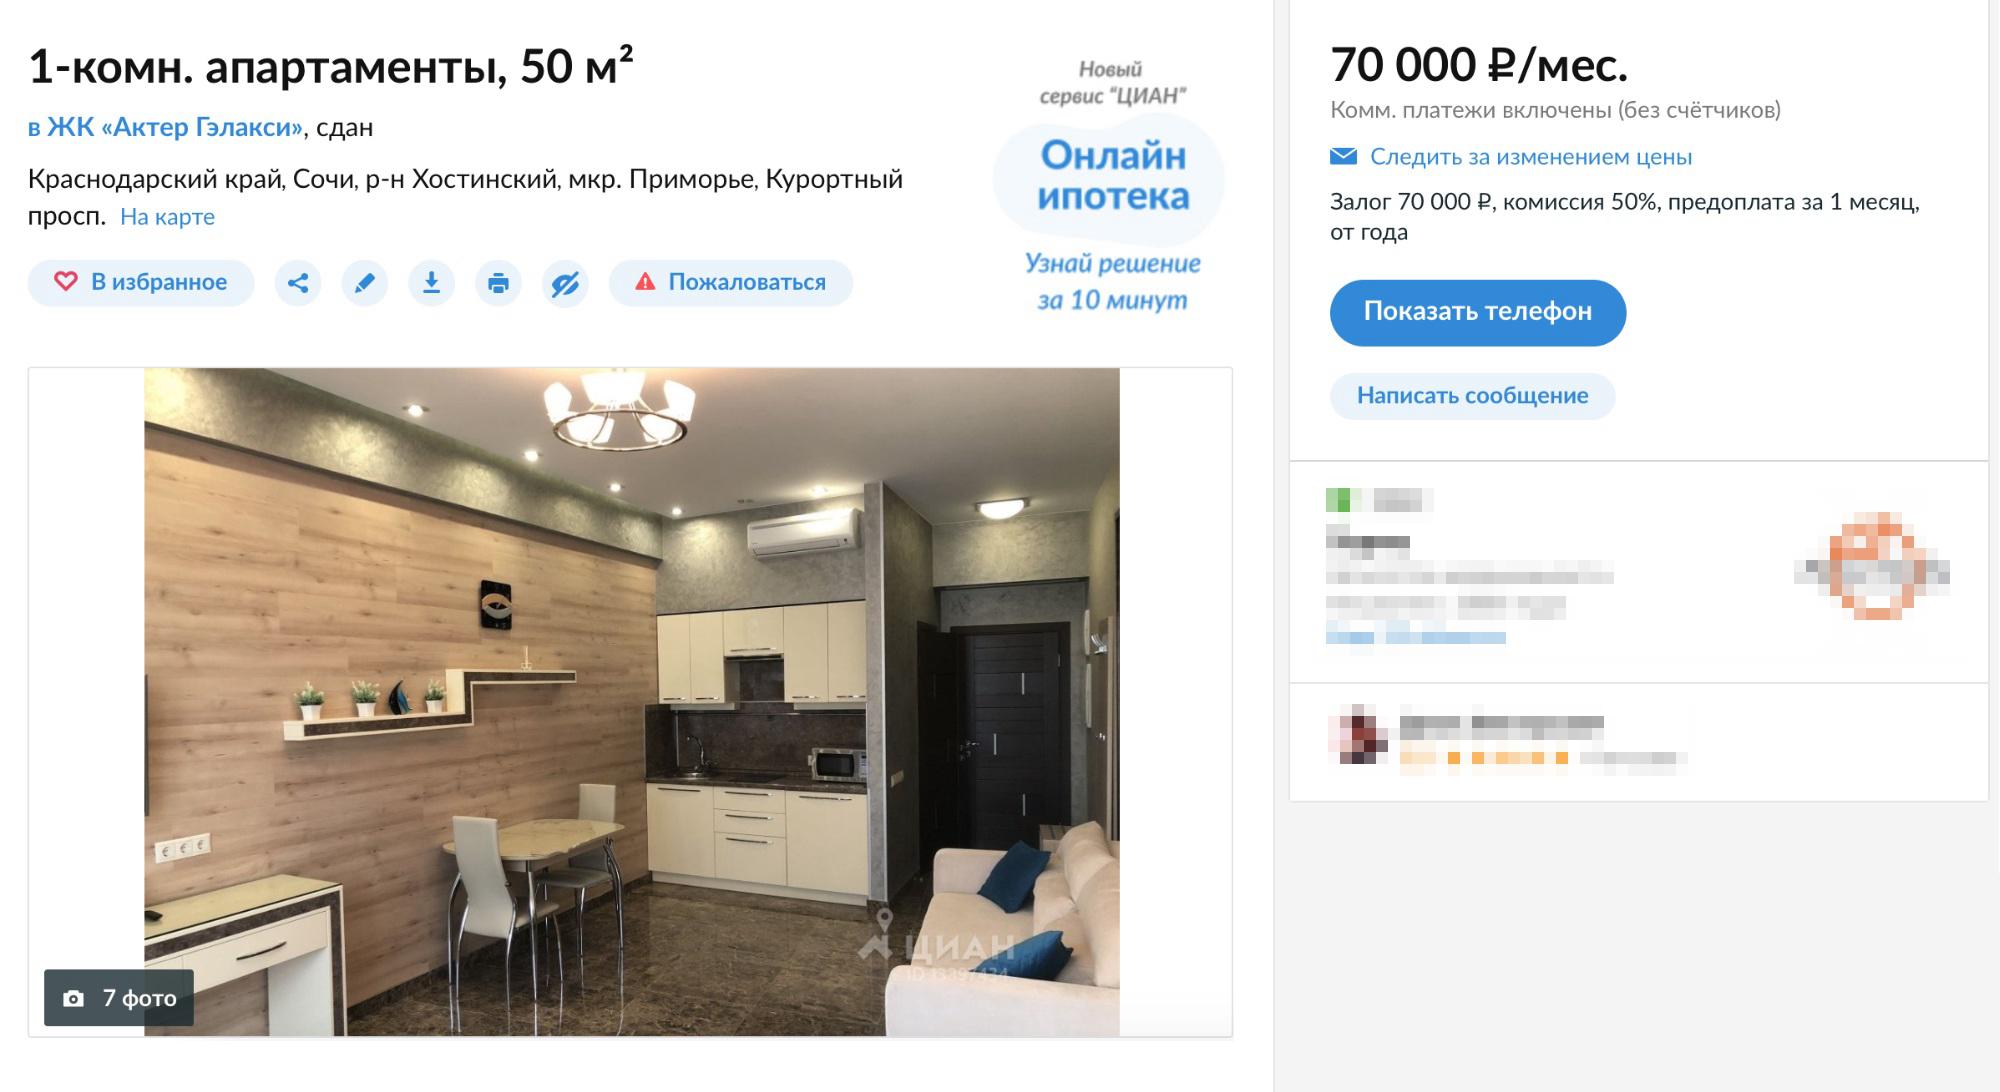 Неплохие апартаменты в жилом комплексе в Хосте